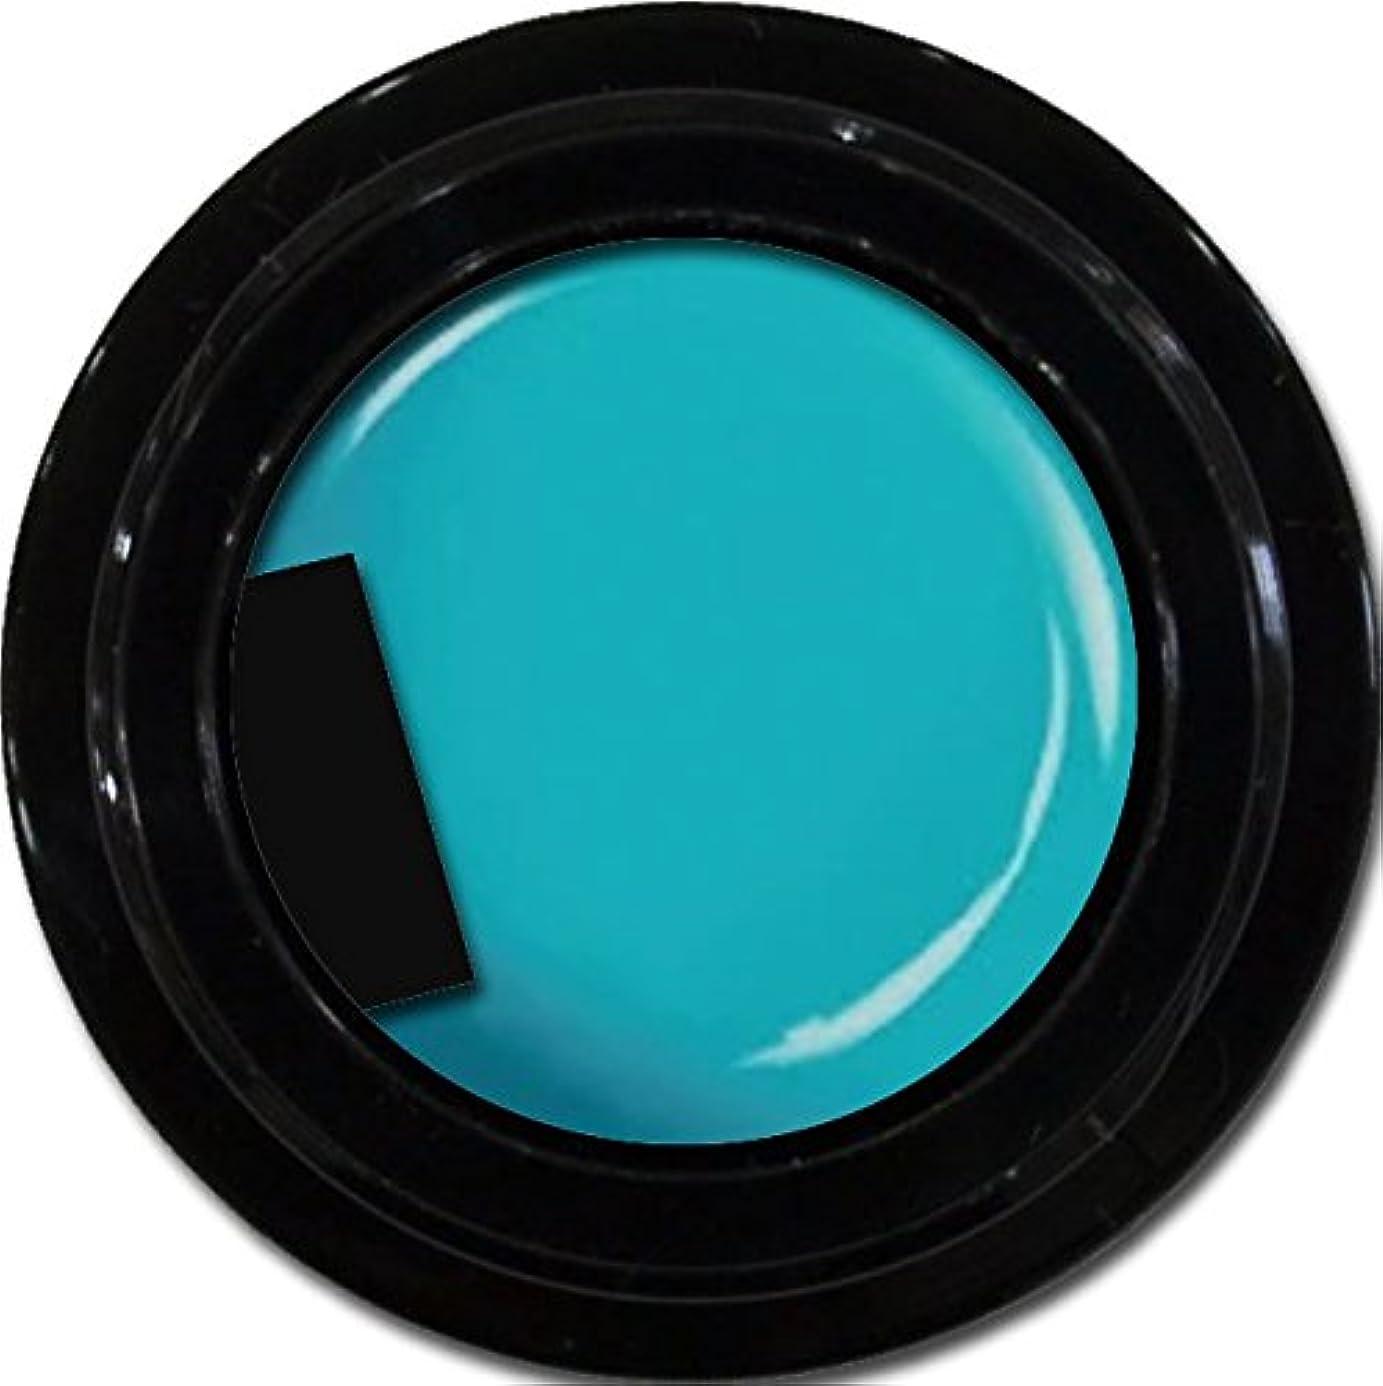 啓発する性的お気に入りカラージェル enchant color gel M707 CanalBlue3g/ マットカラージェル M707カナールブルー 3グラム